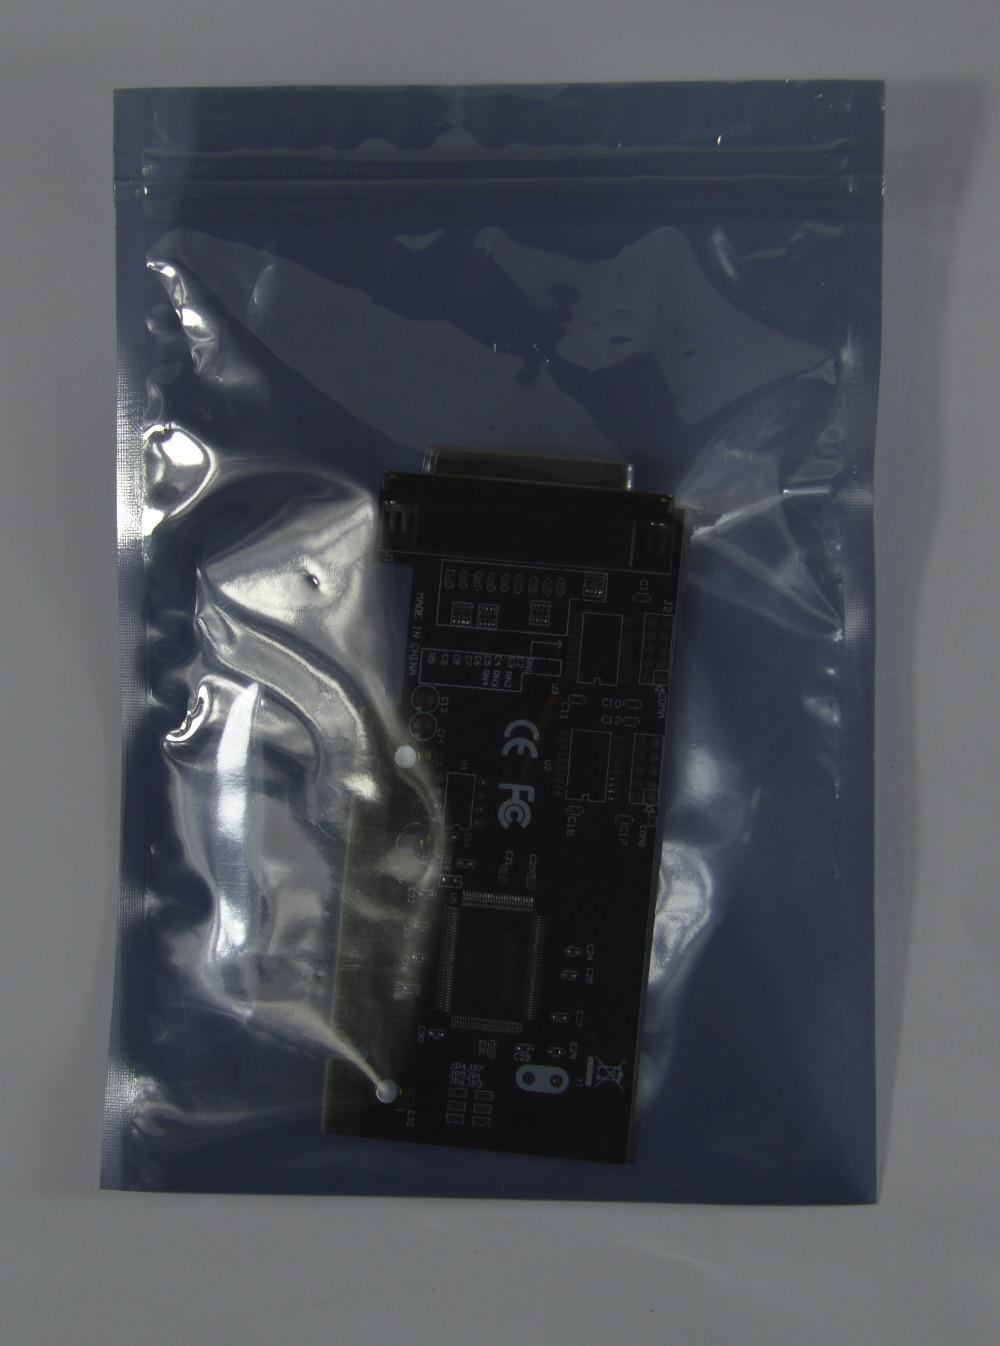 100Pcs 6 * 9cm Or  2.36 * 3.54inch Anti Static Shielding Bags Zipper Lock Top Waterproof Self Seal ESD Anti-Static Pack Bags